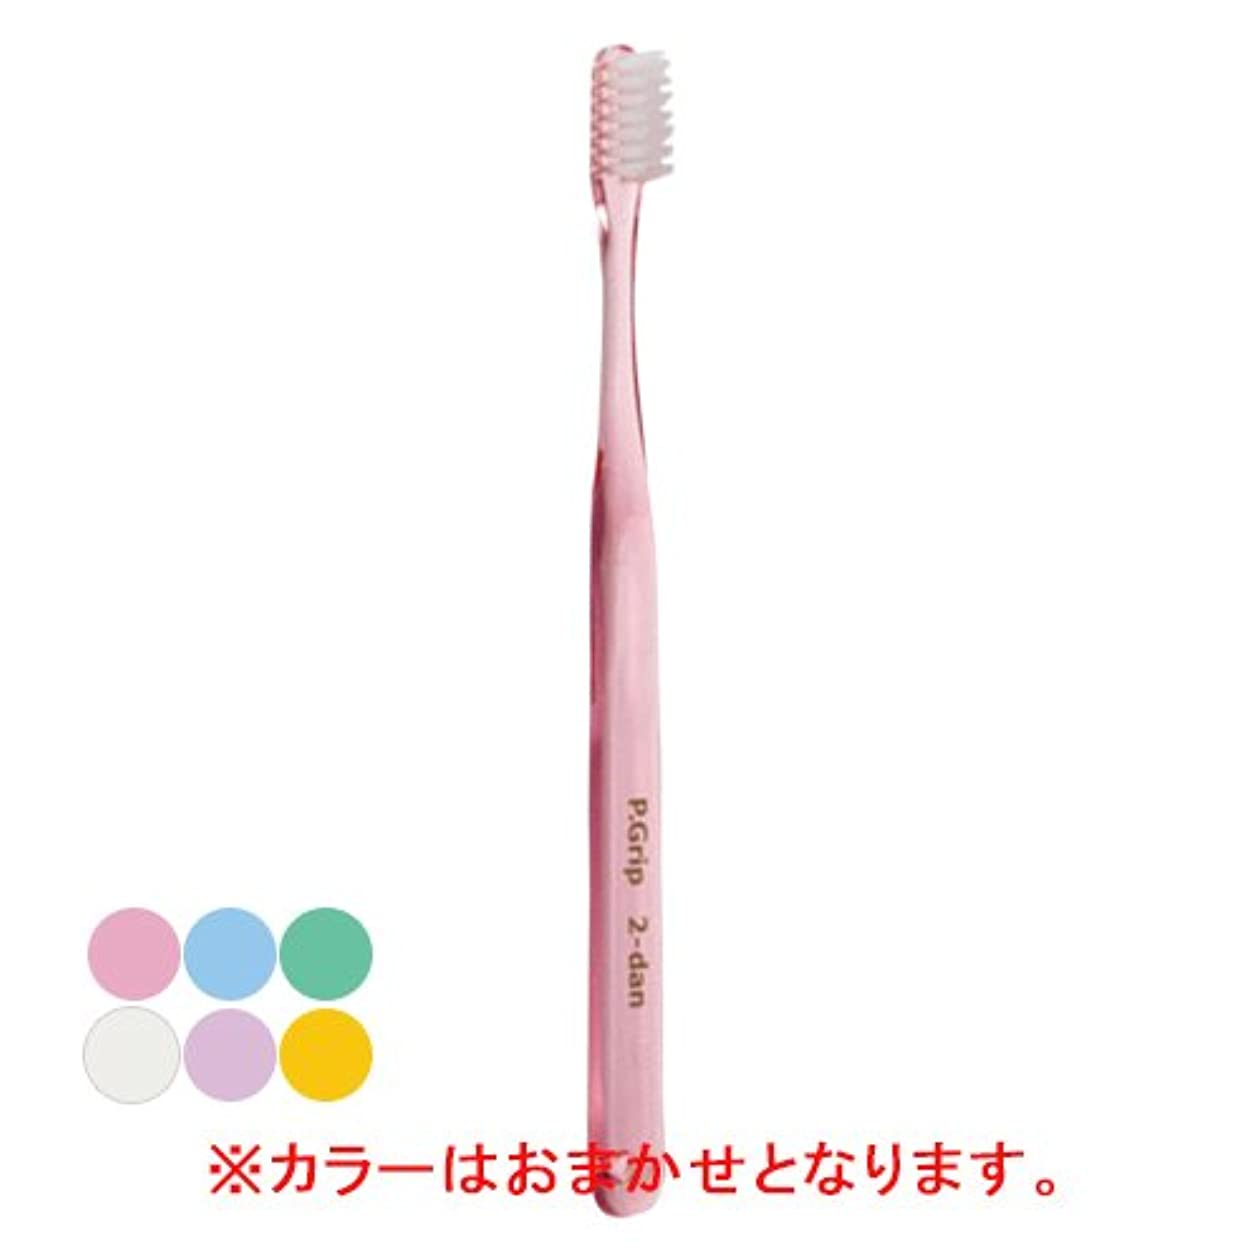 する必要があるアノイ立場P.D.R.(ピーディーアール) P.Grip(ピーグリップ)歯ブラシ 二段植毛タイプ ソフト(やわらかめ) 1本